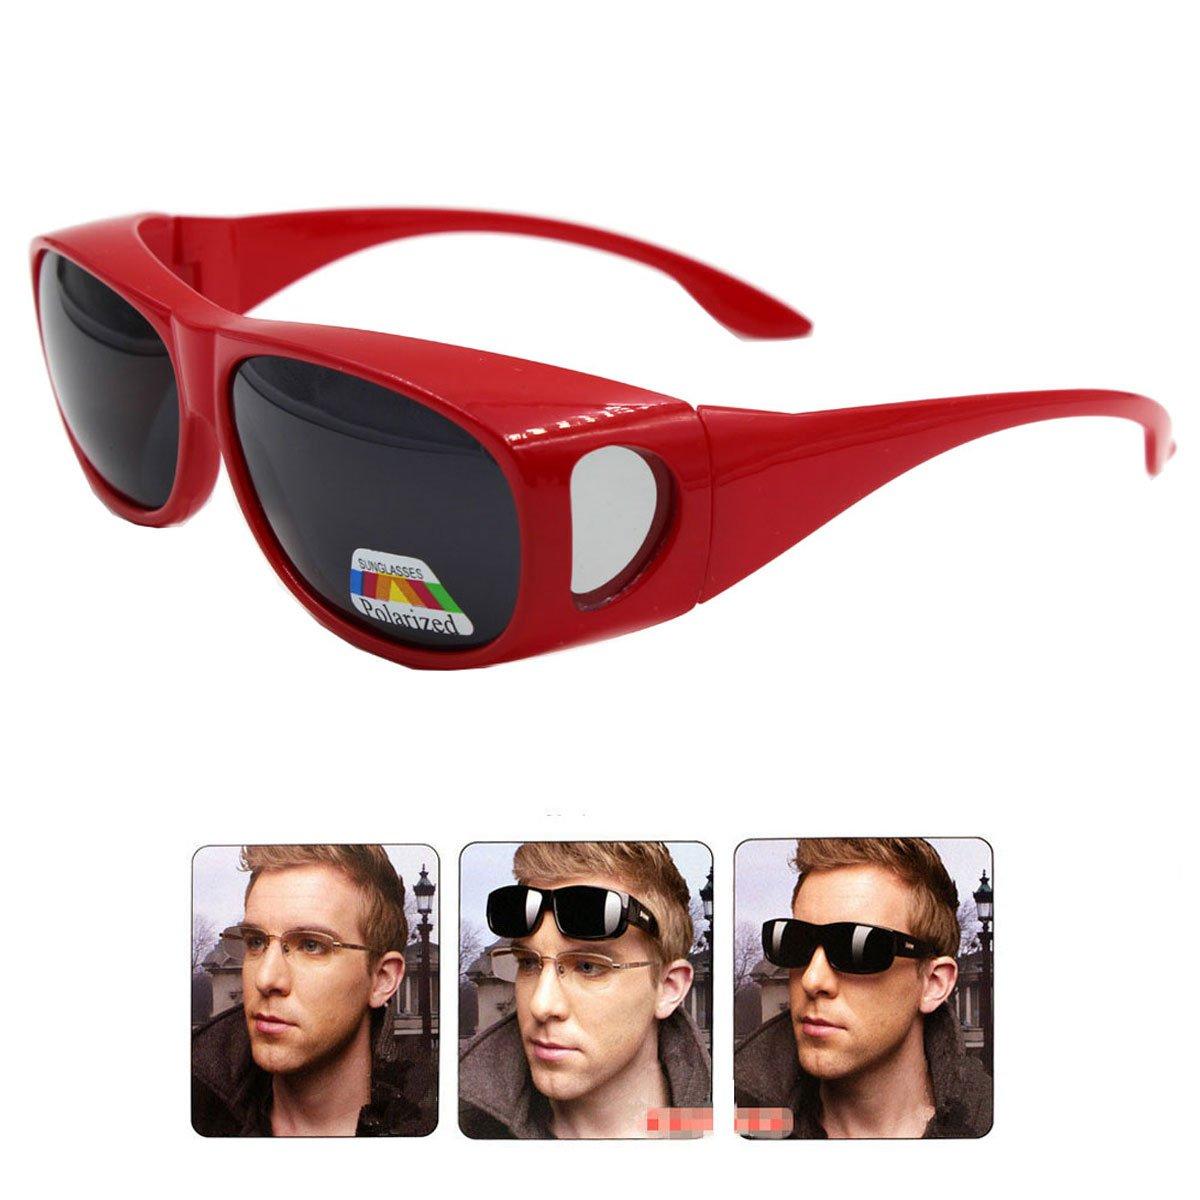 LEDING Wear Over sunglasses men women Polarized lens, fit over Prescription Glasses UV400